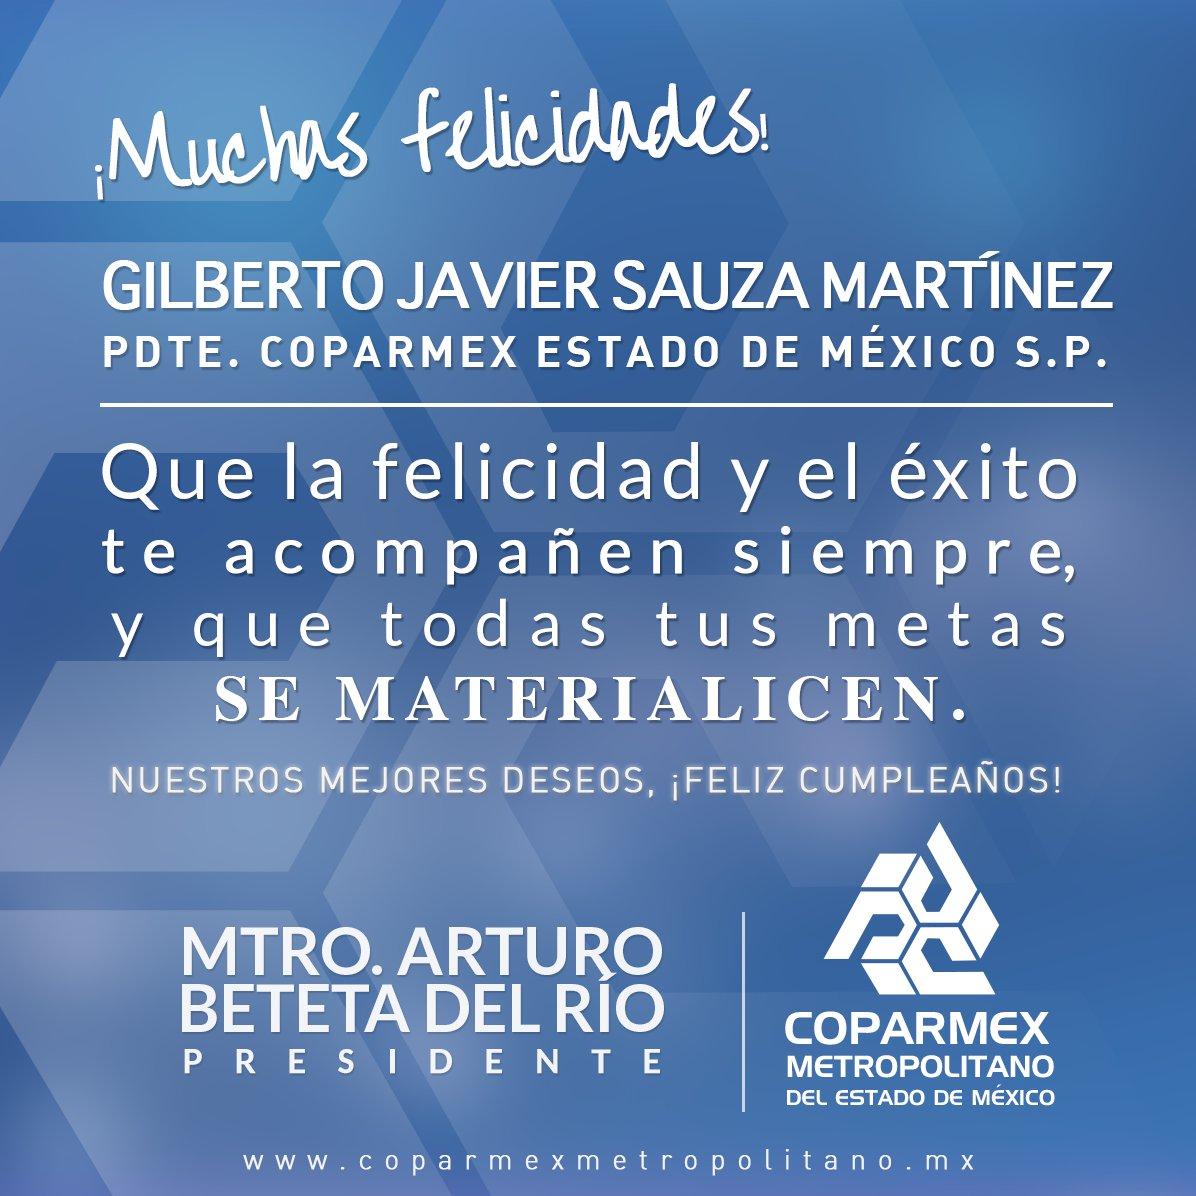 """Arturo Beteta del Río on Twitter""""Feliz cumpleaños estimado Gilberto Javier Sauza, Pdte"""